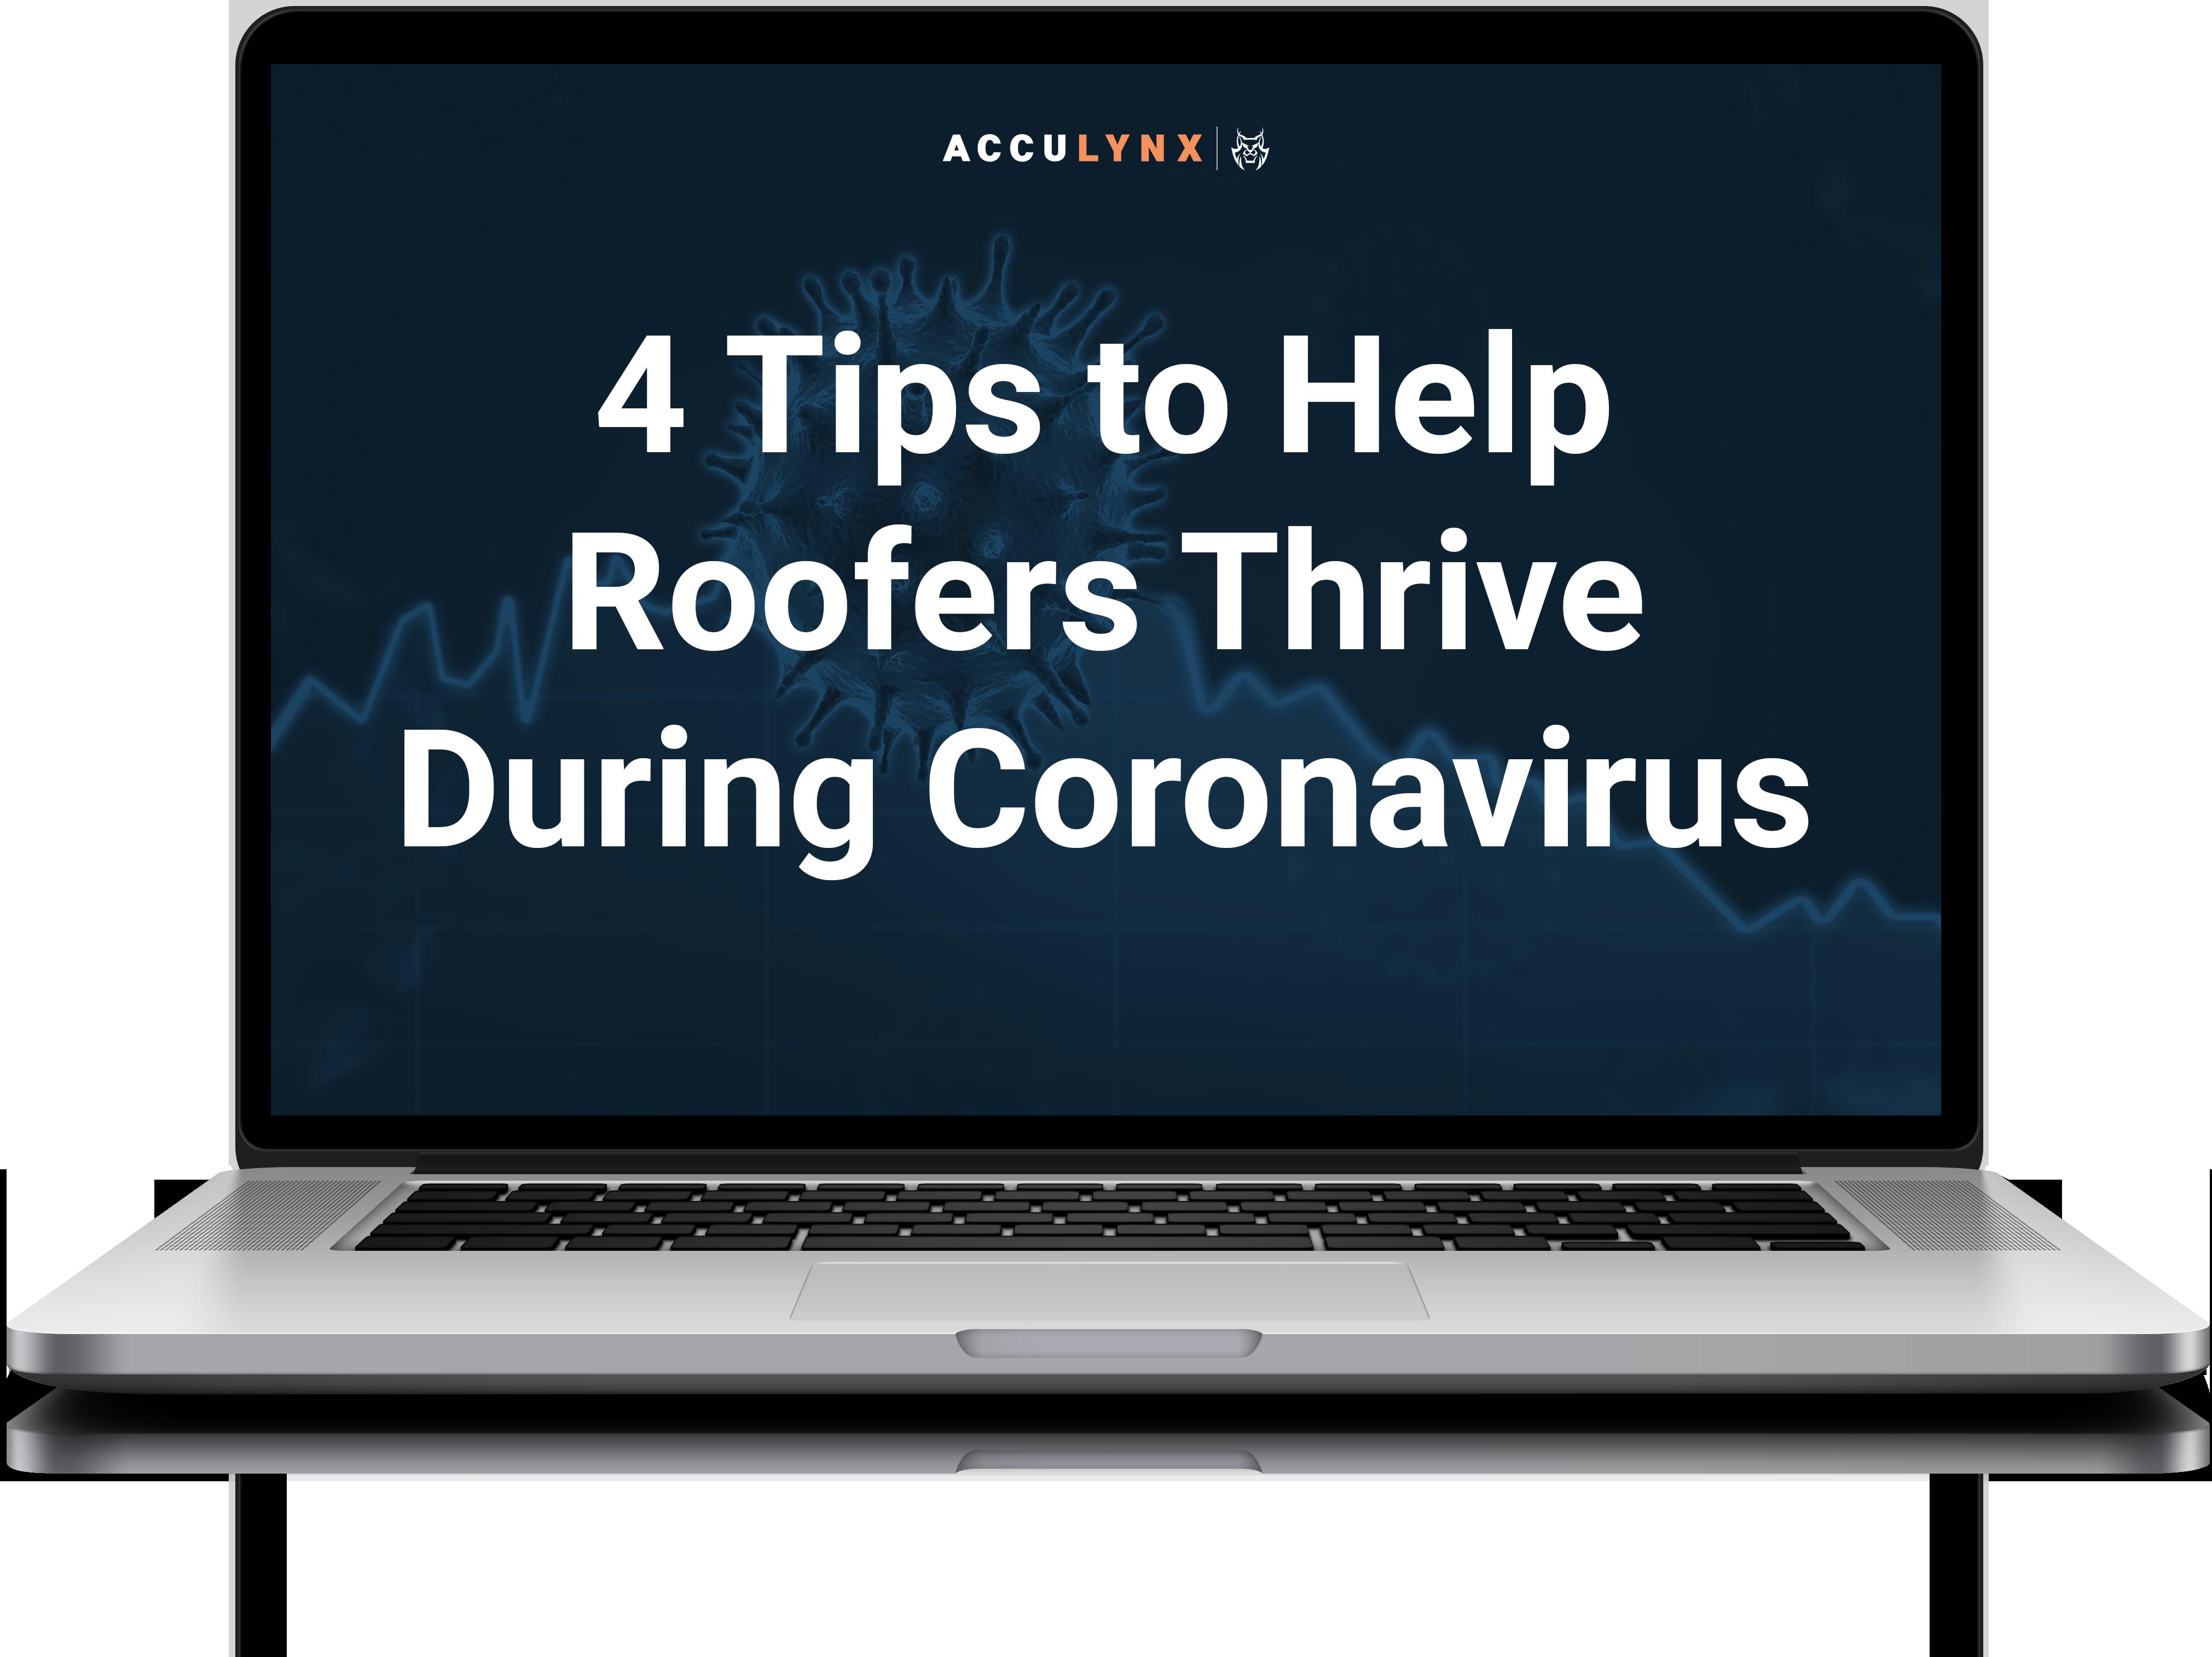 Roofing tips for coronavirus